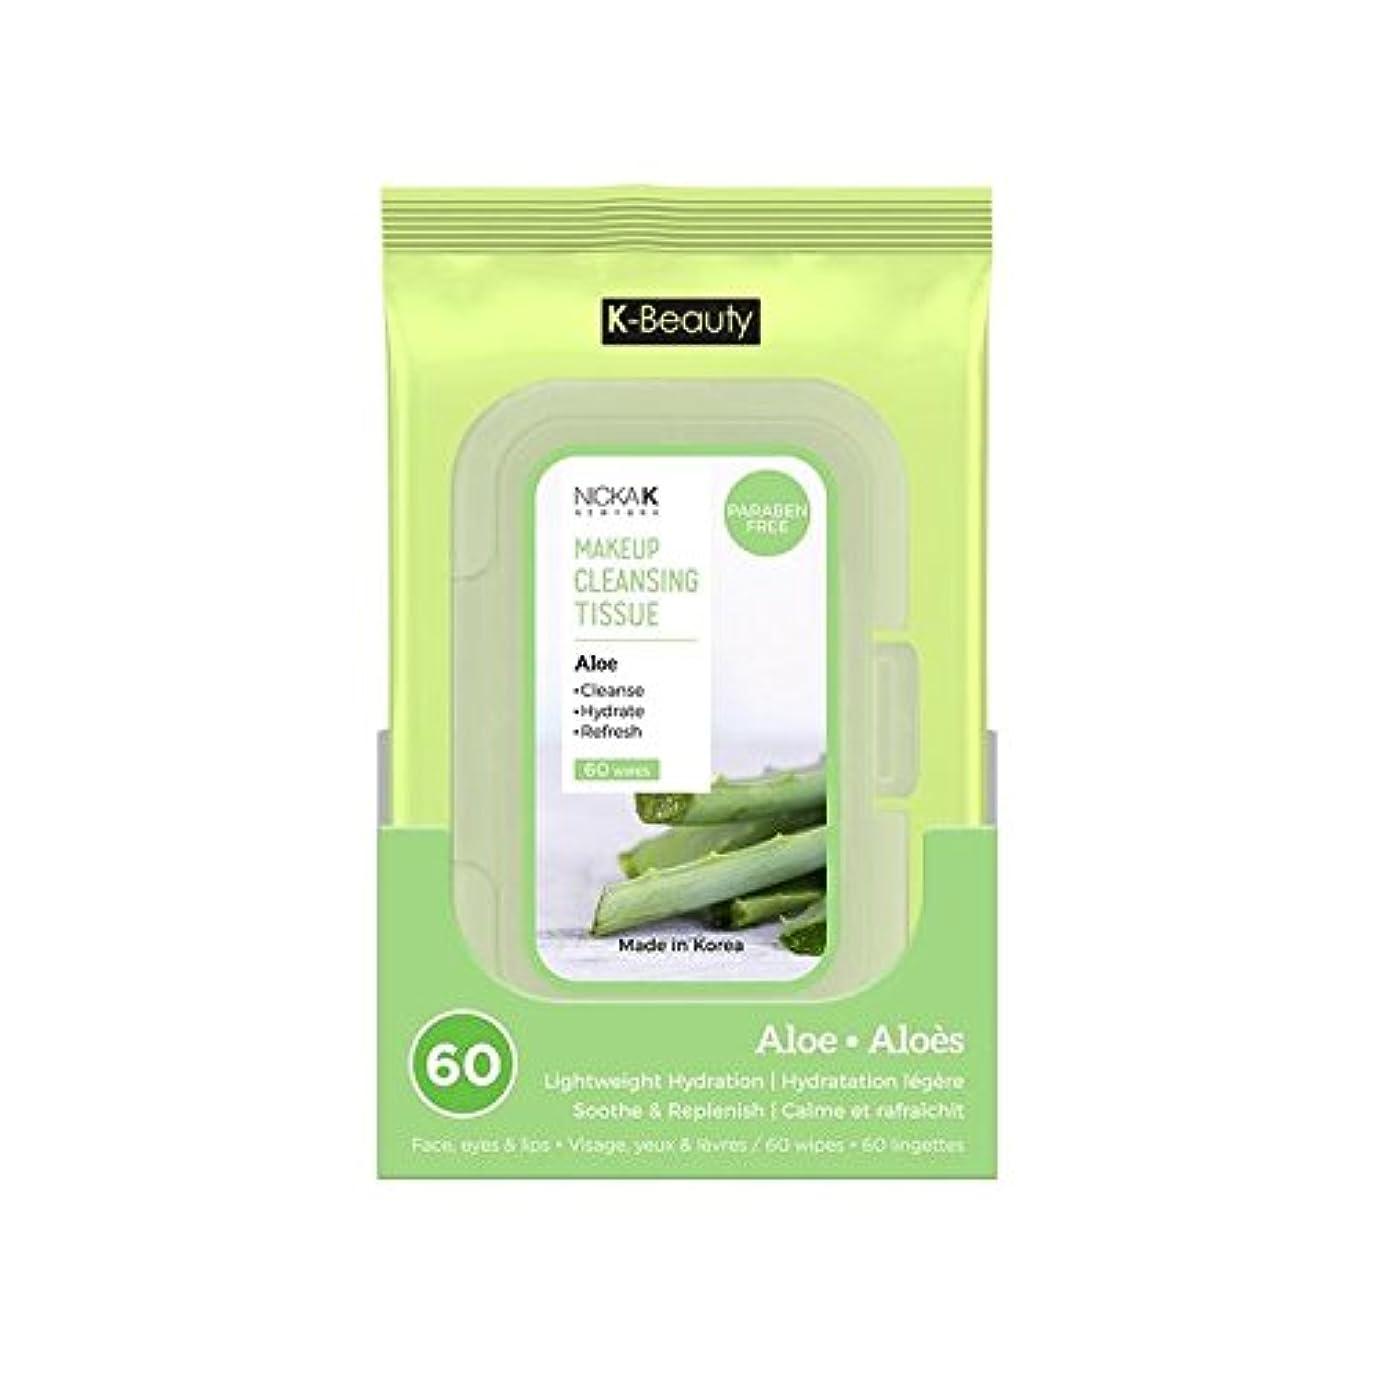 キリスト教刃聡明(6 Pack) NICKA K Make Up Cleansing Tissue - Aloe (並行輸入品)